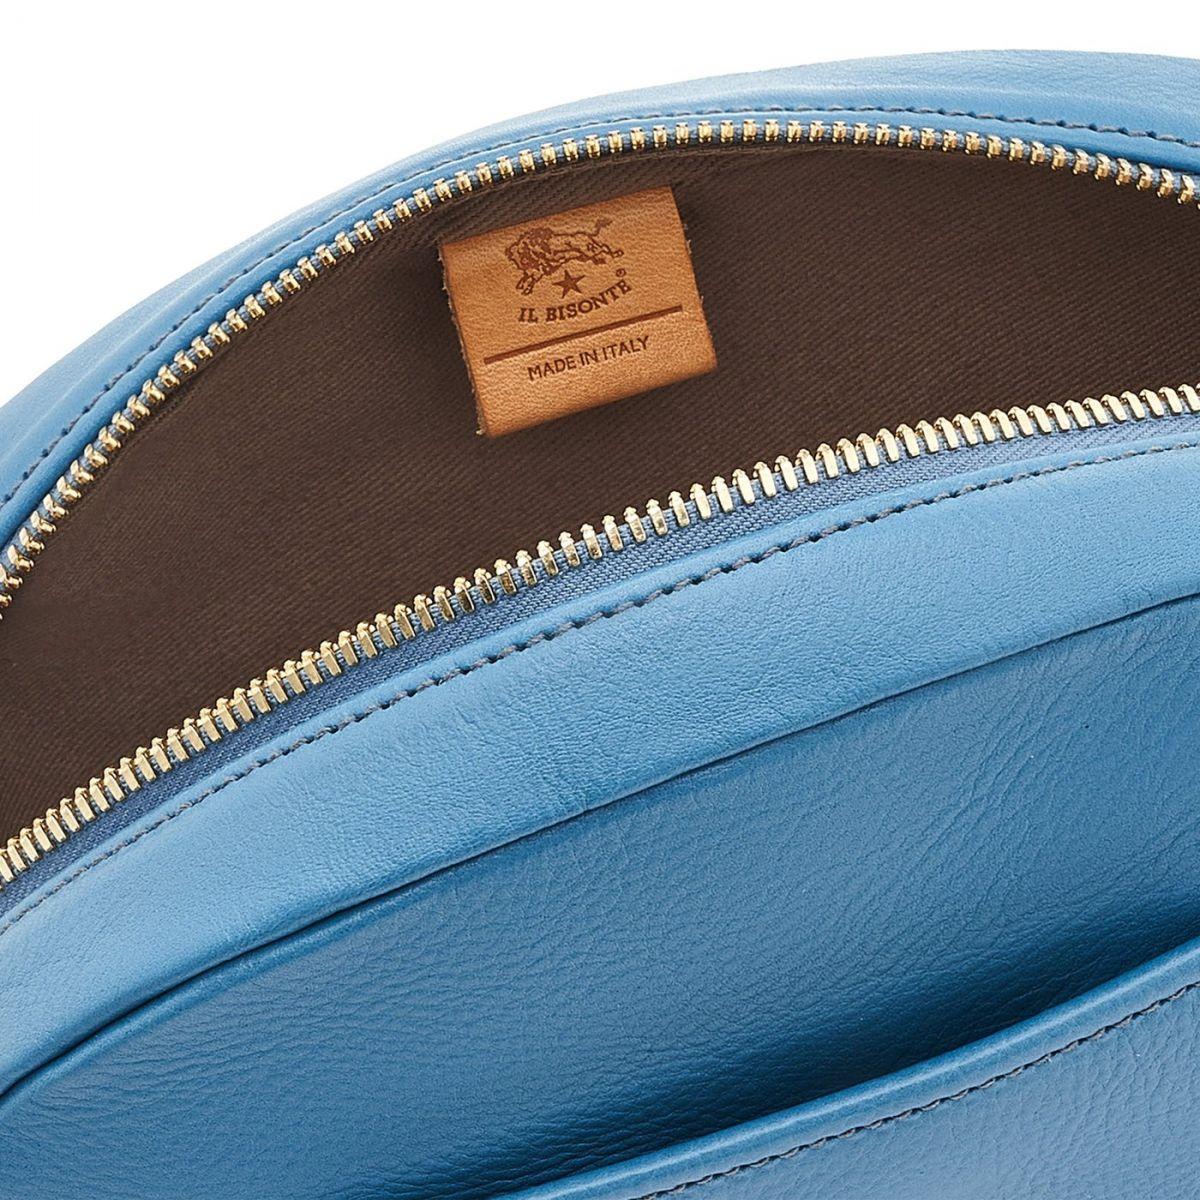 Sac Bandouliere pour Femme en Cuir De Vachette couleur Bleu Sarcelle - BCR243 | Details